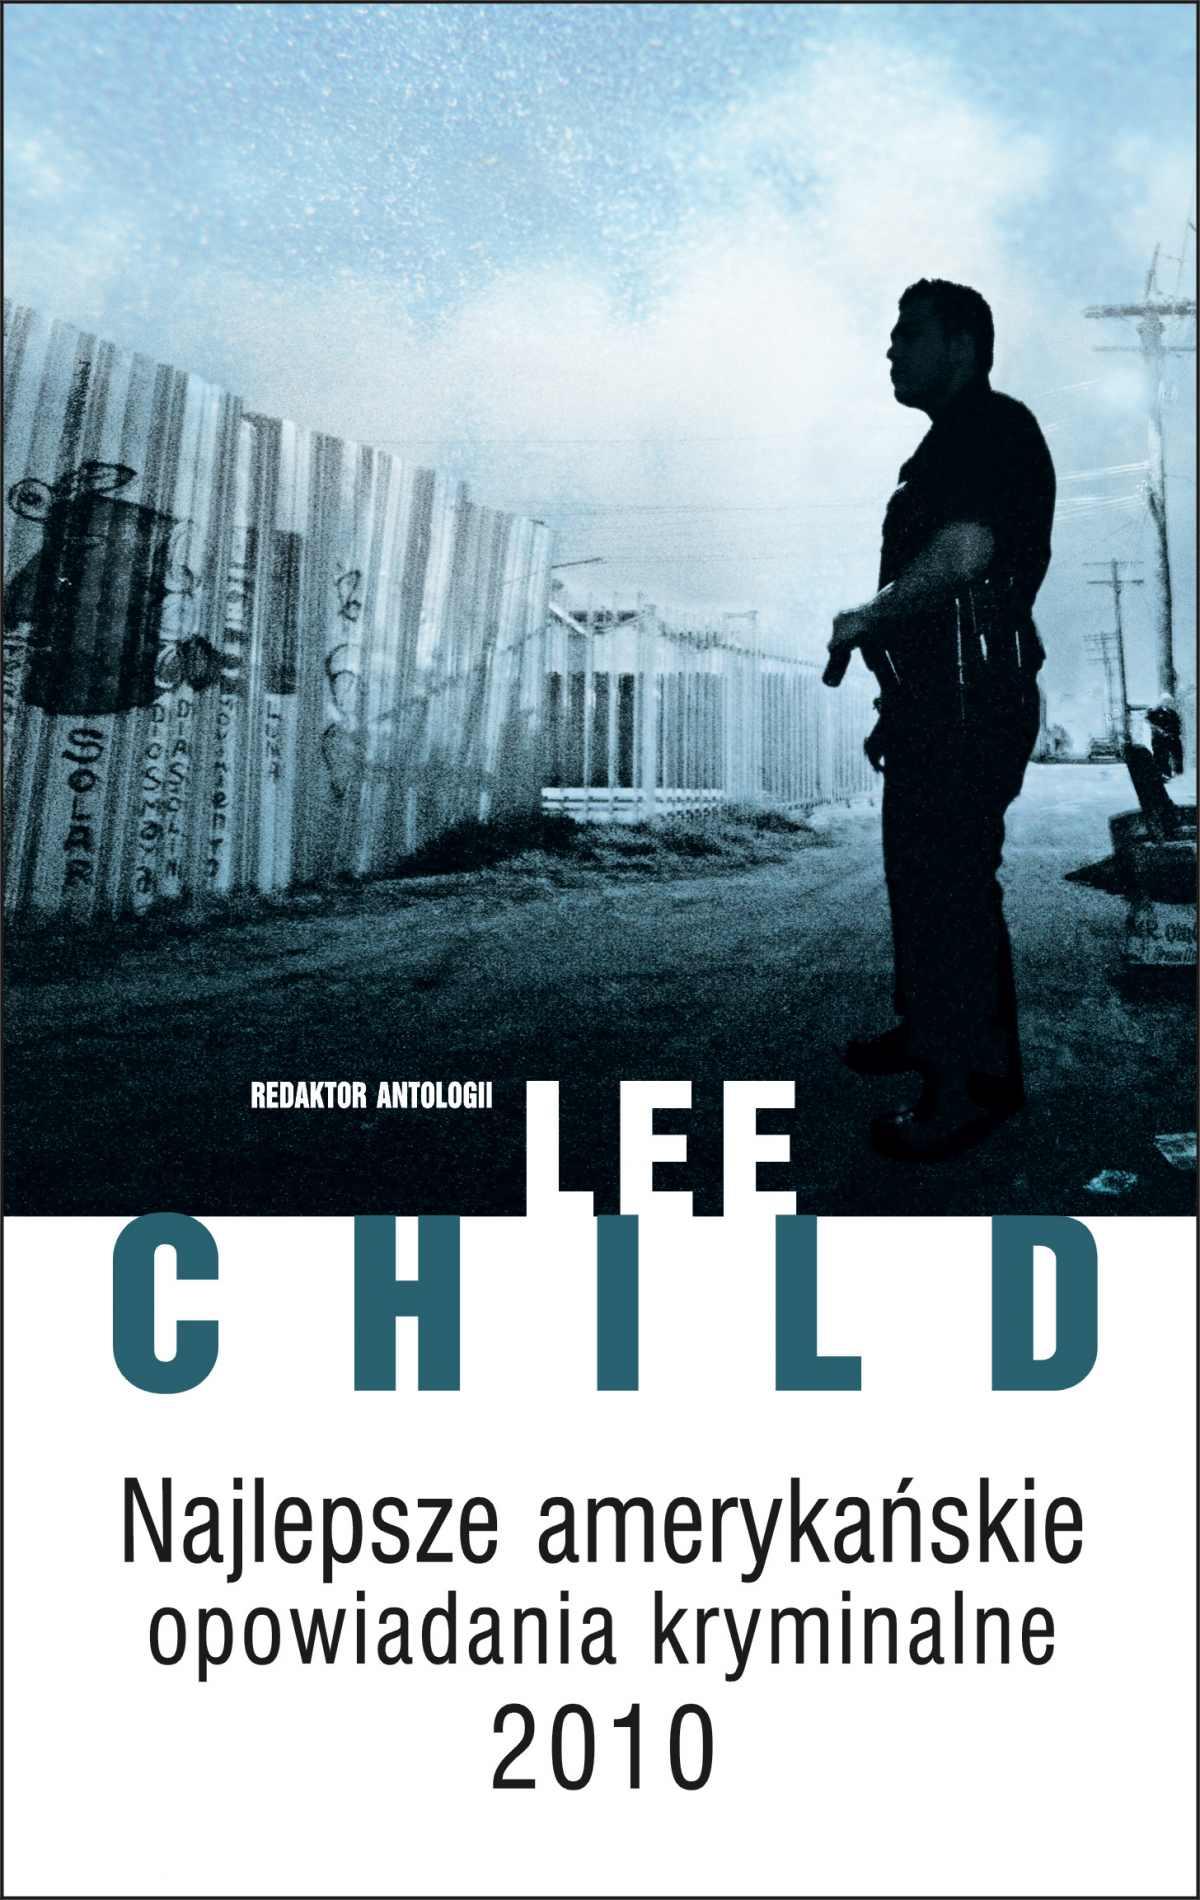 Najlepsze amerykańskie opowiadania kryminalne 2010 - Ebook (Książka EPUB) do pobrania w formacie EPUB